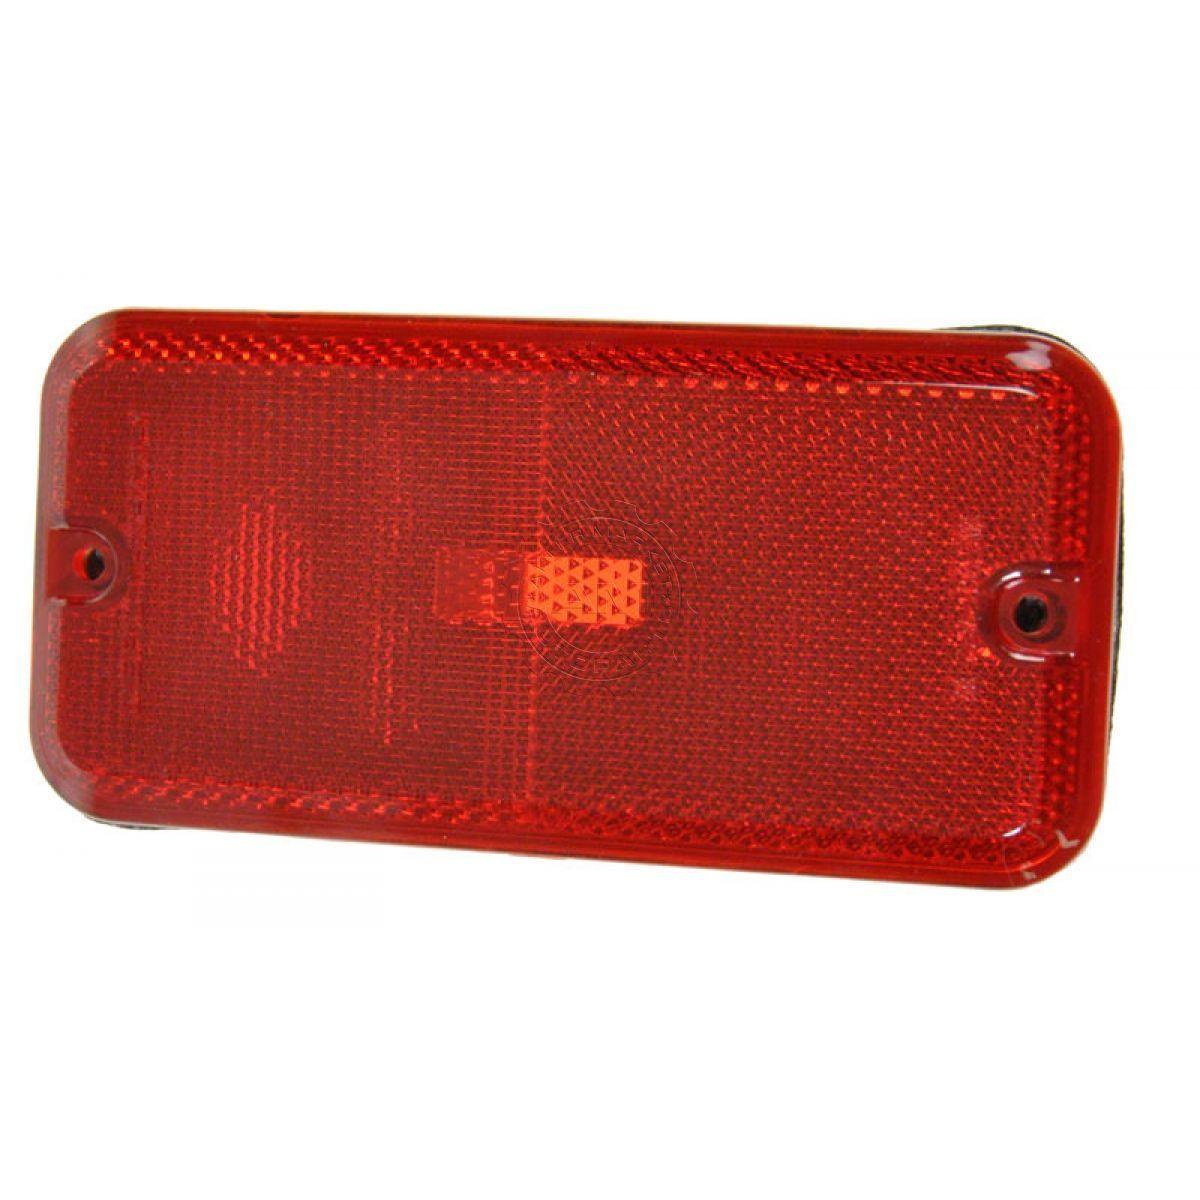 コーナーライト Rear Side Marker Parking Corner Light for Chevy GMC Van シボレーGMCバンのためのリアサイドマーカーパーキングコーナーライト